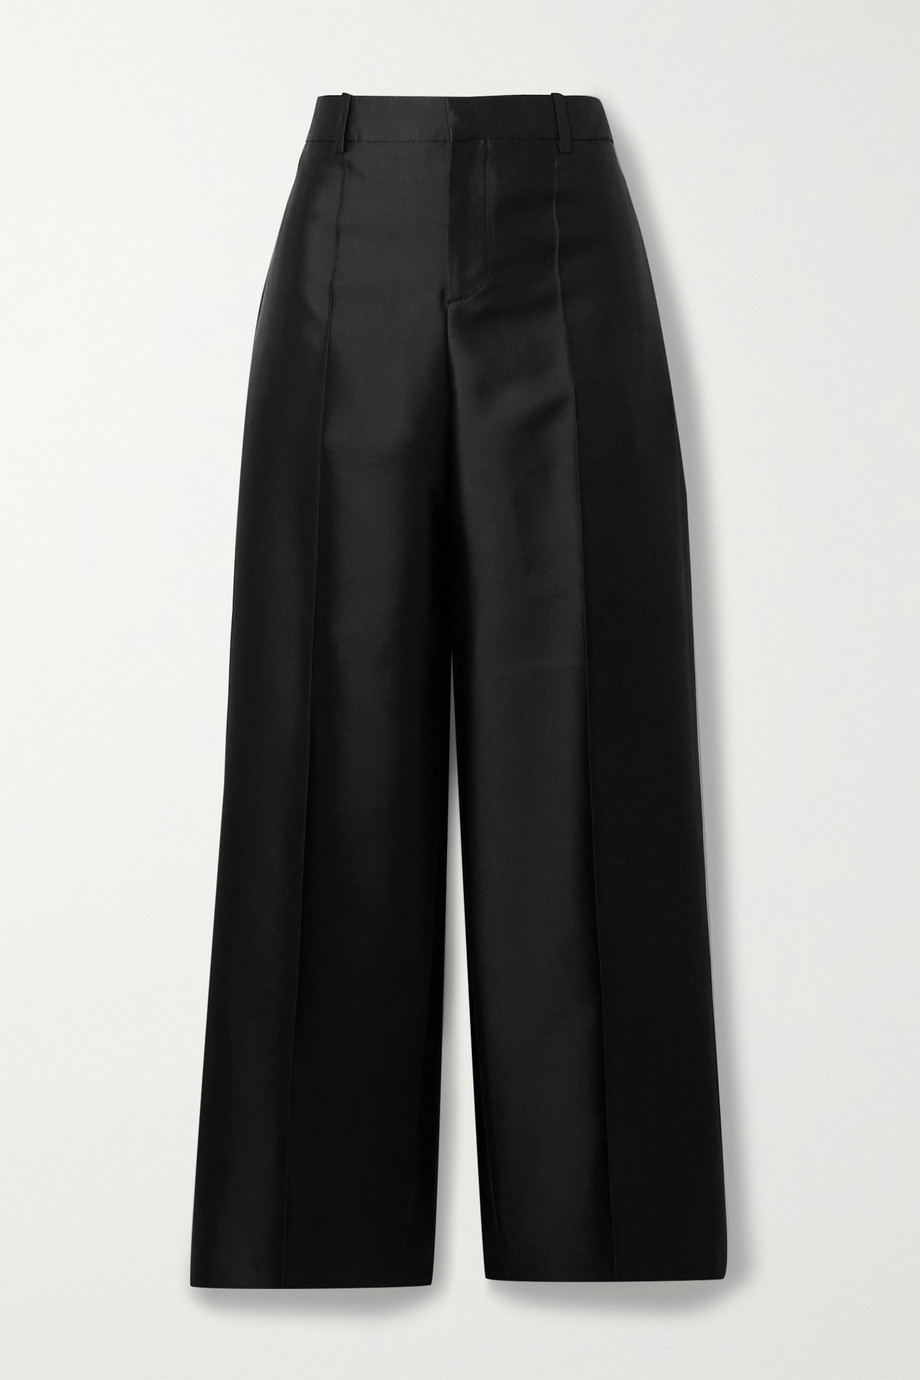 Givenchy Hose mit geradem Bein aus Satin aus einer Woll-Seidenmischung